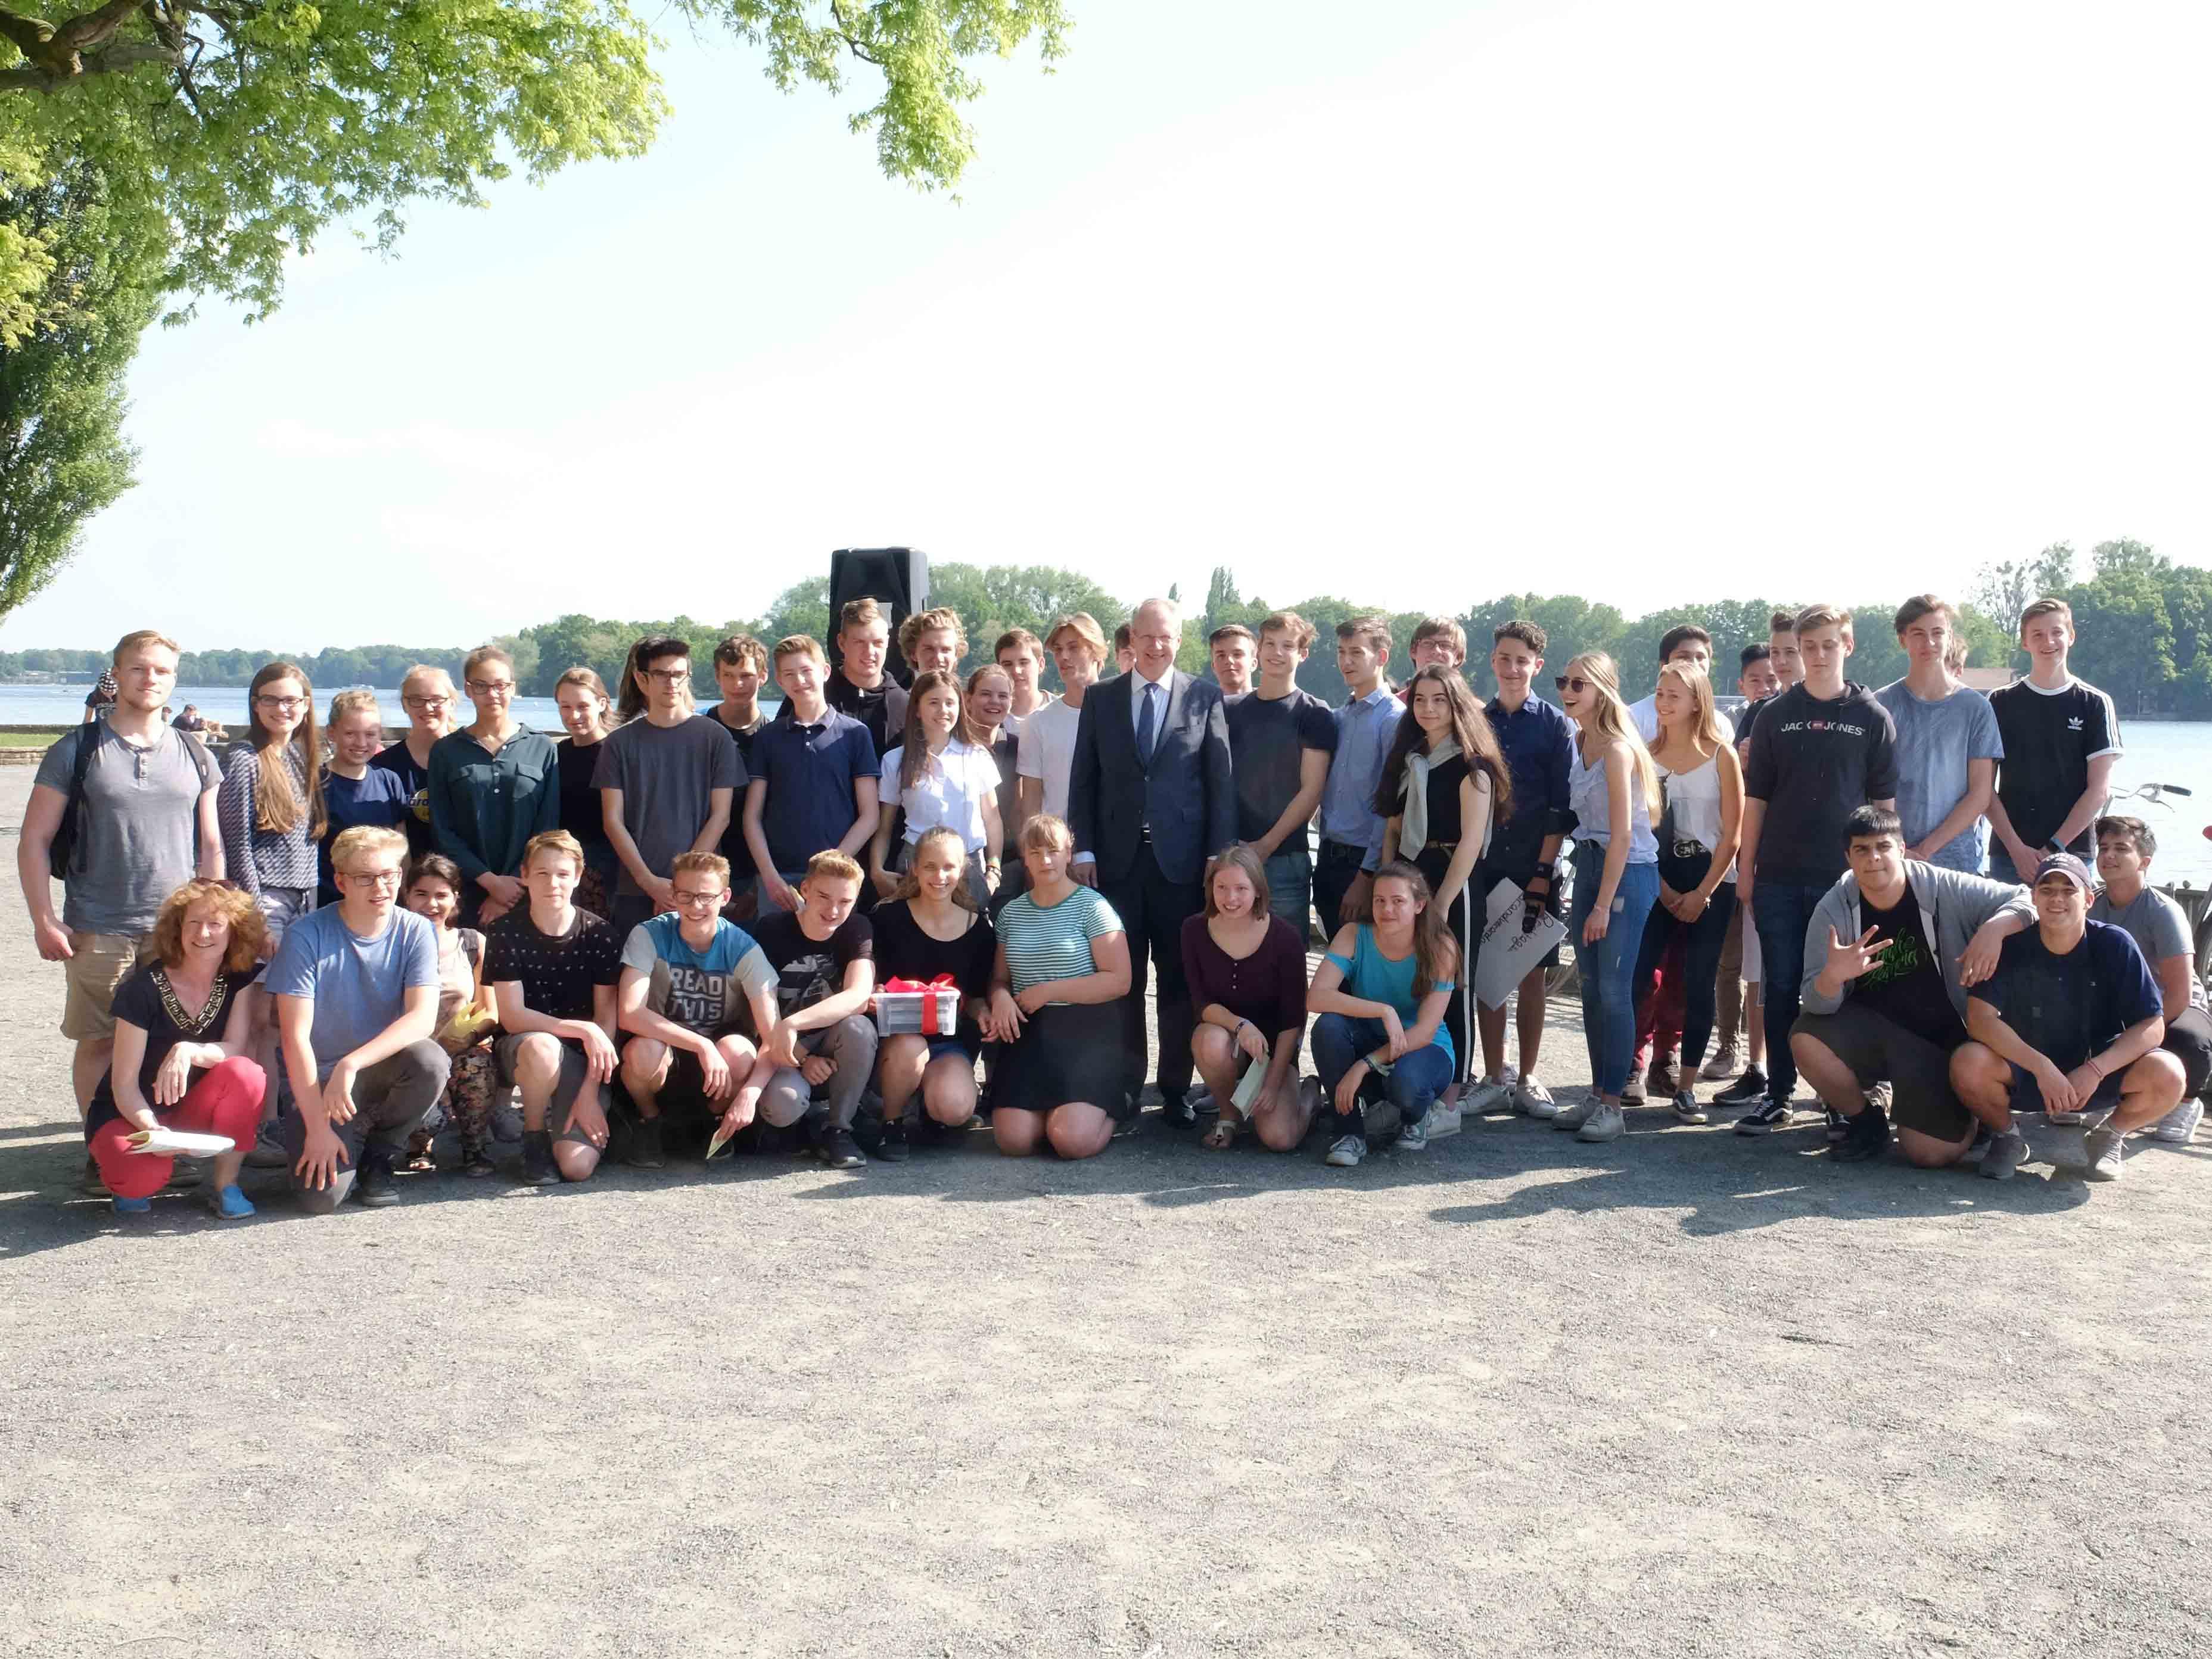 Oberbürgermeister Schostok mit den Schülerinnen und Schülern der Tellkampfschule